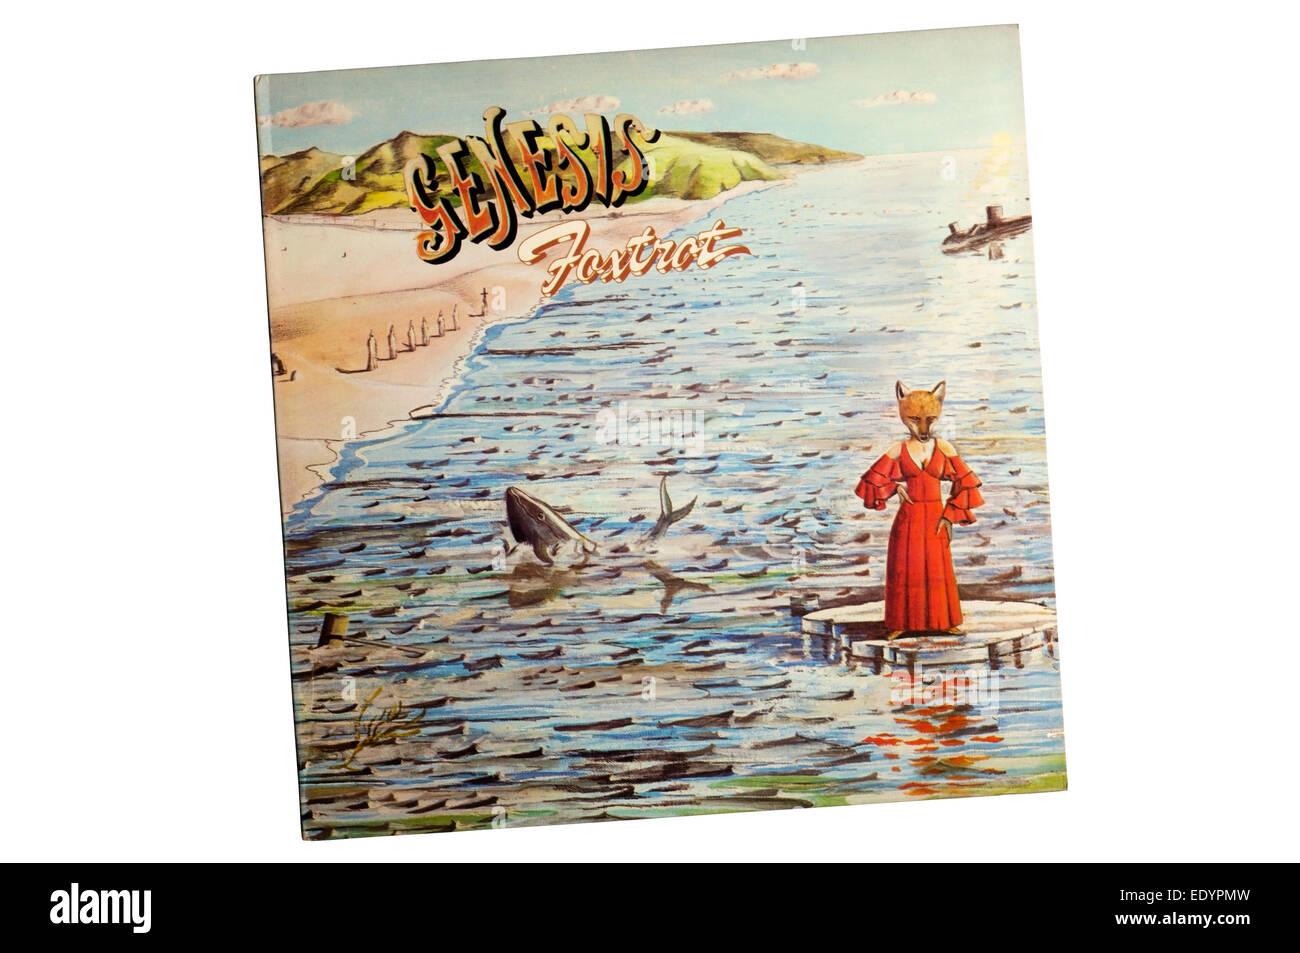 Foxtrot est le quatrième album studio du groupe de rock progressif Anglais Genesis, sorti en 1972. Photo Stock